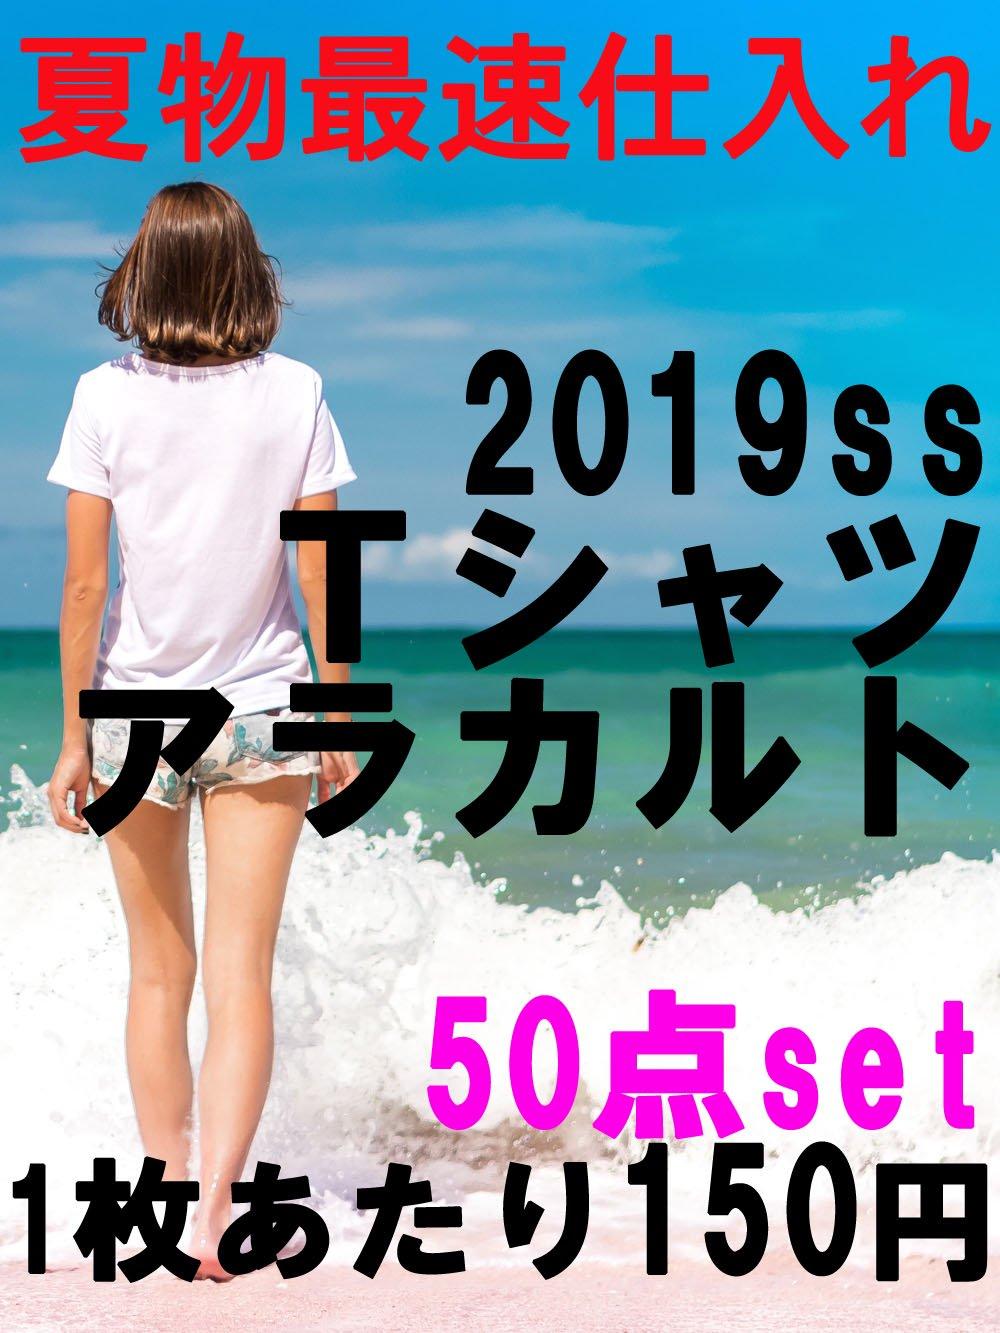 【 夏物最速仕入れ! 】2019SS Tシャツアラカルト☆【50点】@150